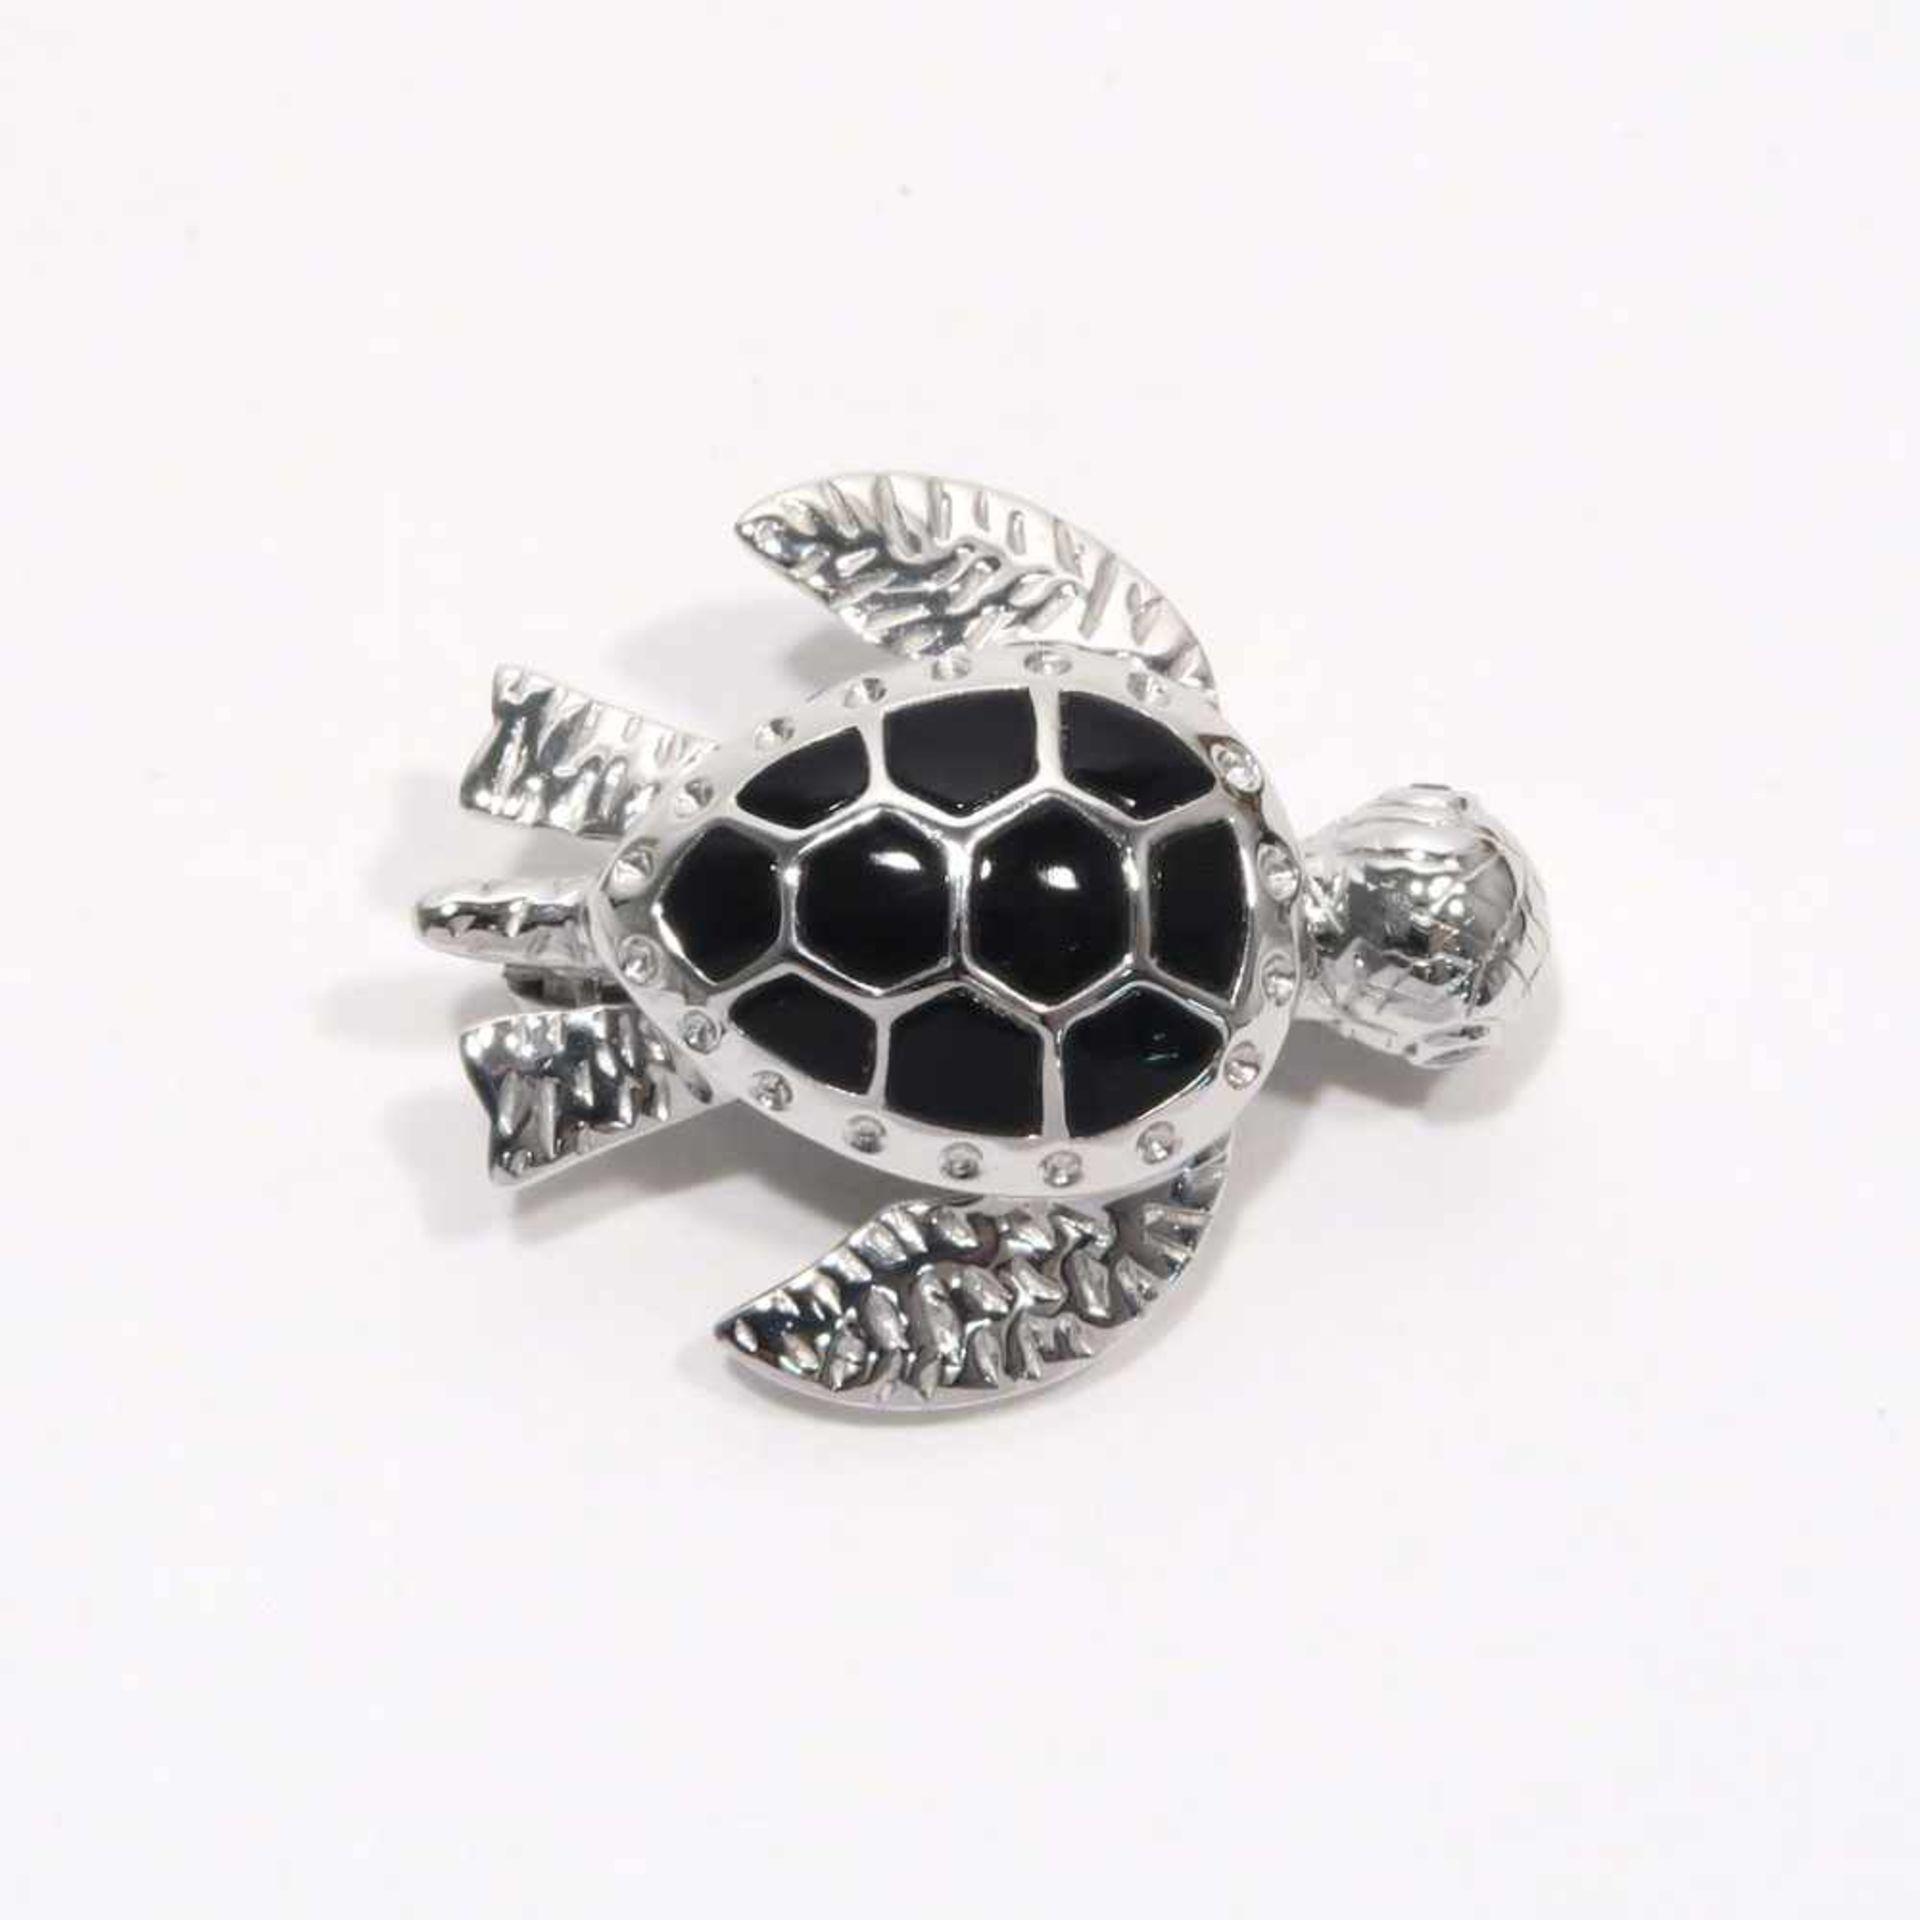 Brosche18 K WG, Marke (K18). In Form einer Schildkröte mit zwei Kleindiamanten als Augen und einem